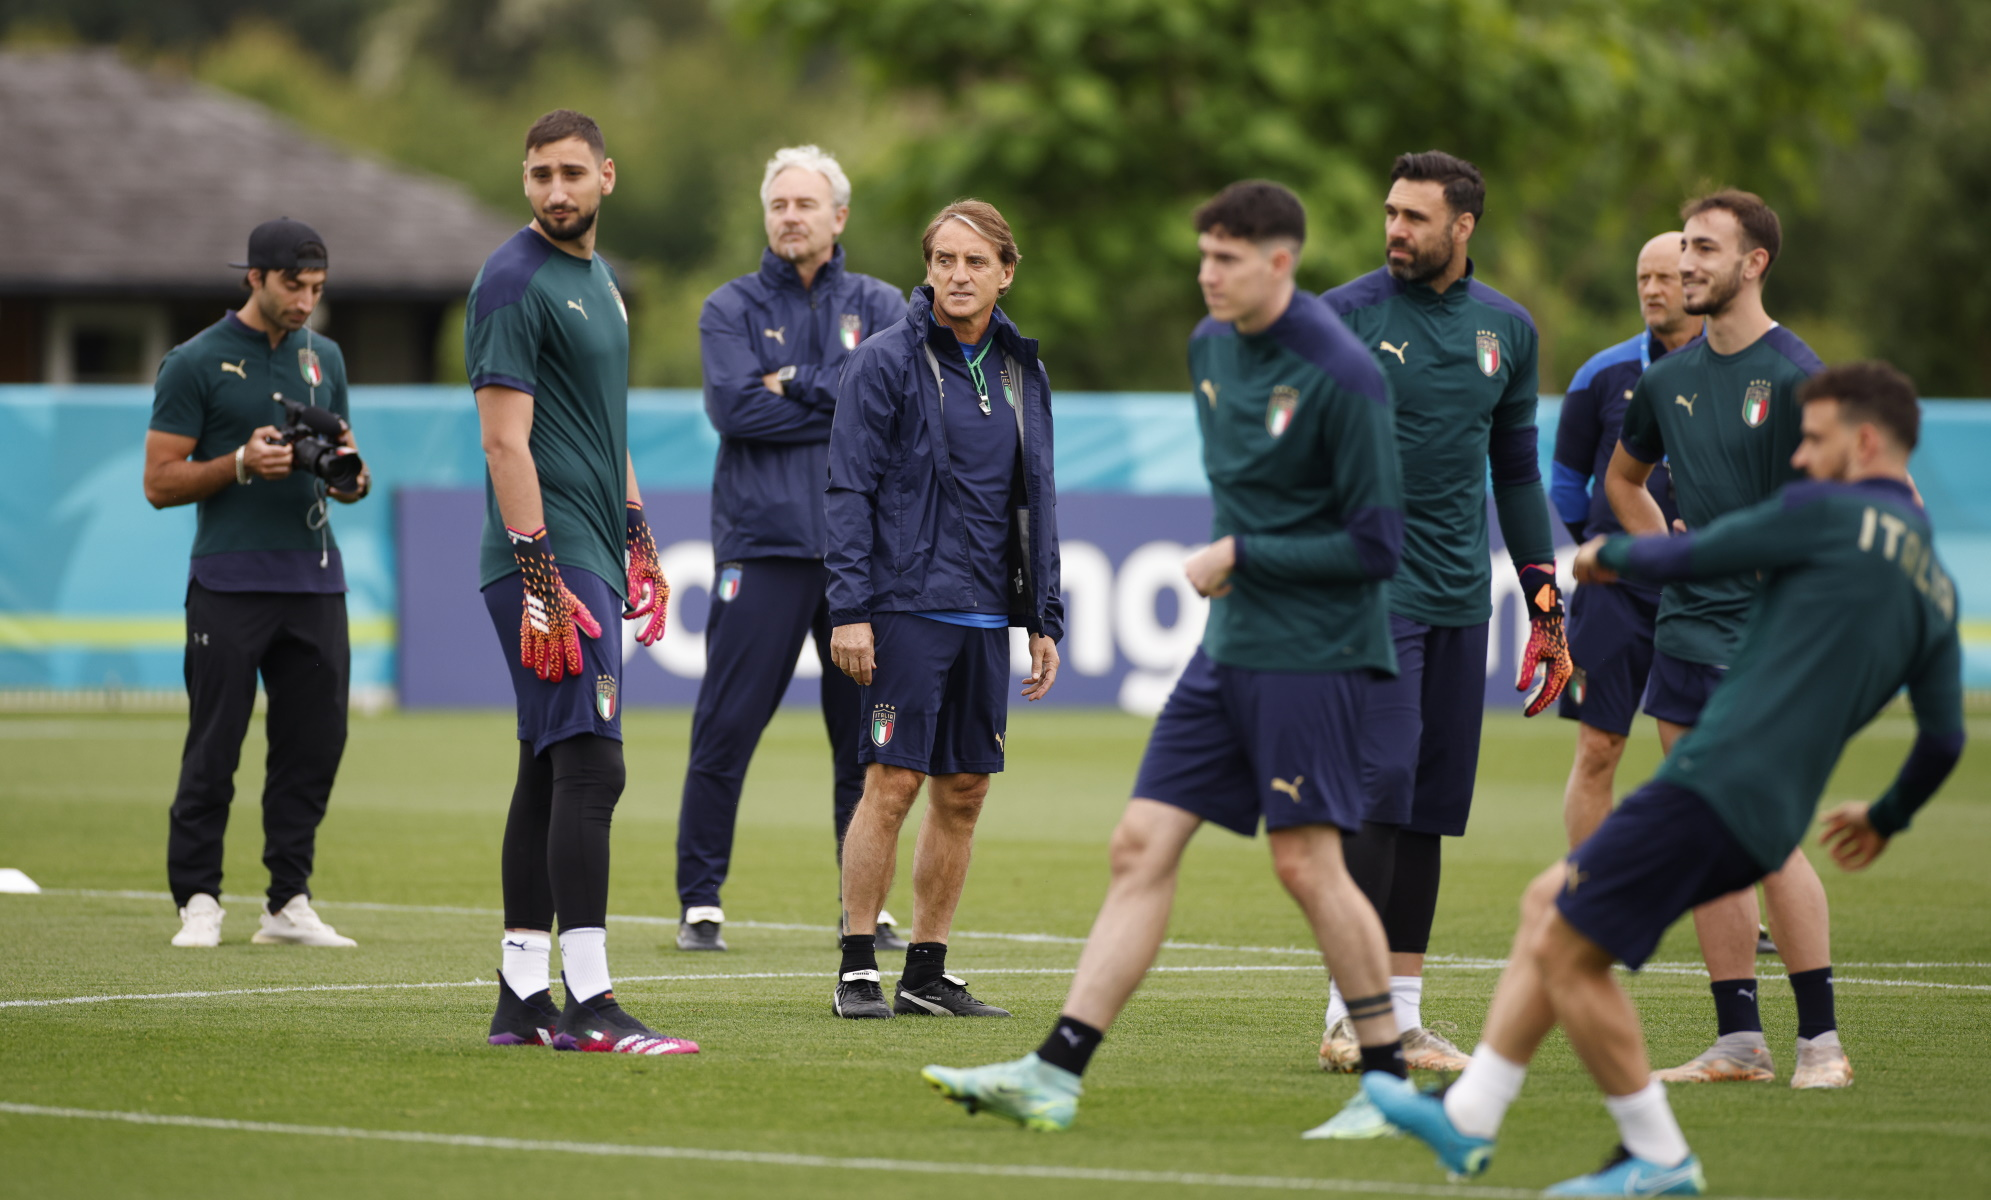 Euro 2020: Όλη η Ιταλία στηρίζει την «σκουάντρα ατζούρα» – Στο Λονδίνο ο Ματαρέλα